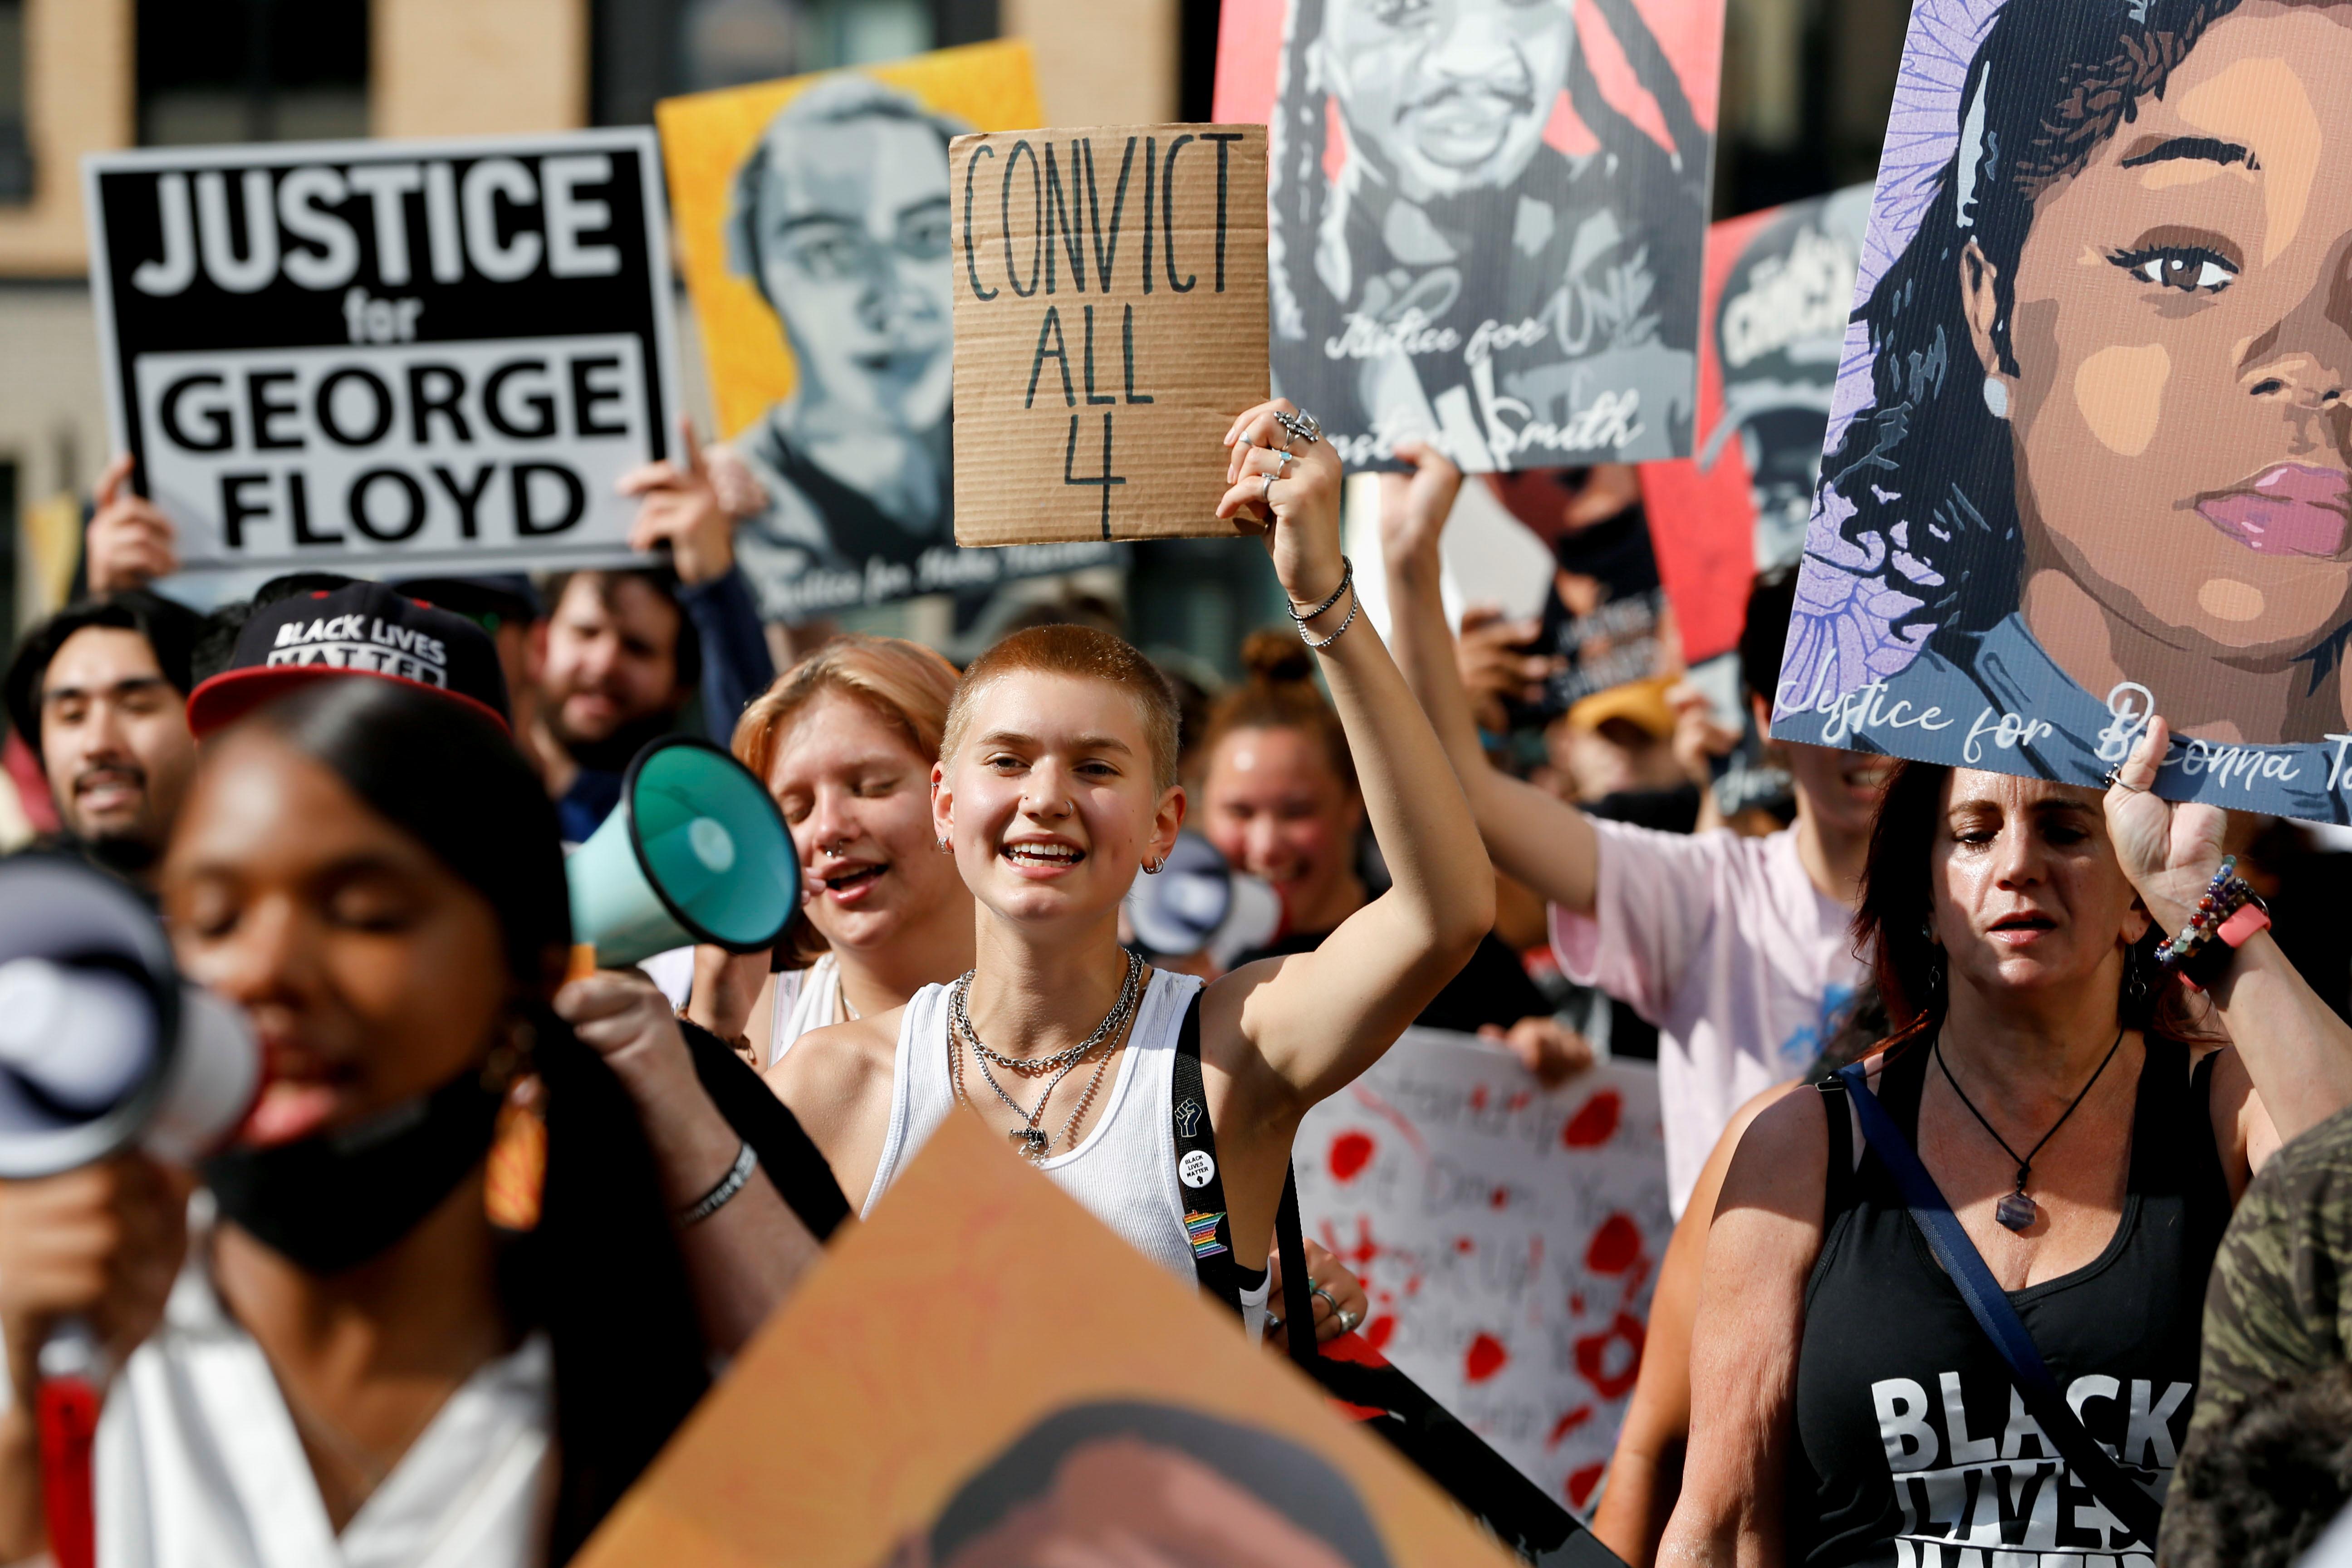 मिनेपोलिस में निकाली गई रैली में अश्वेतों के साथ श्वेत भी शामिल थे।